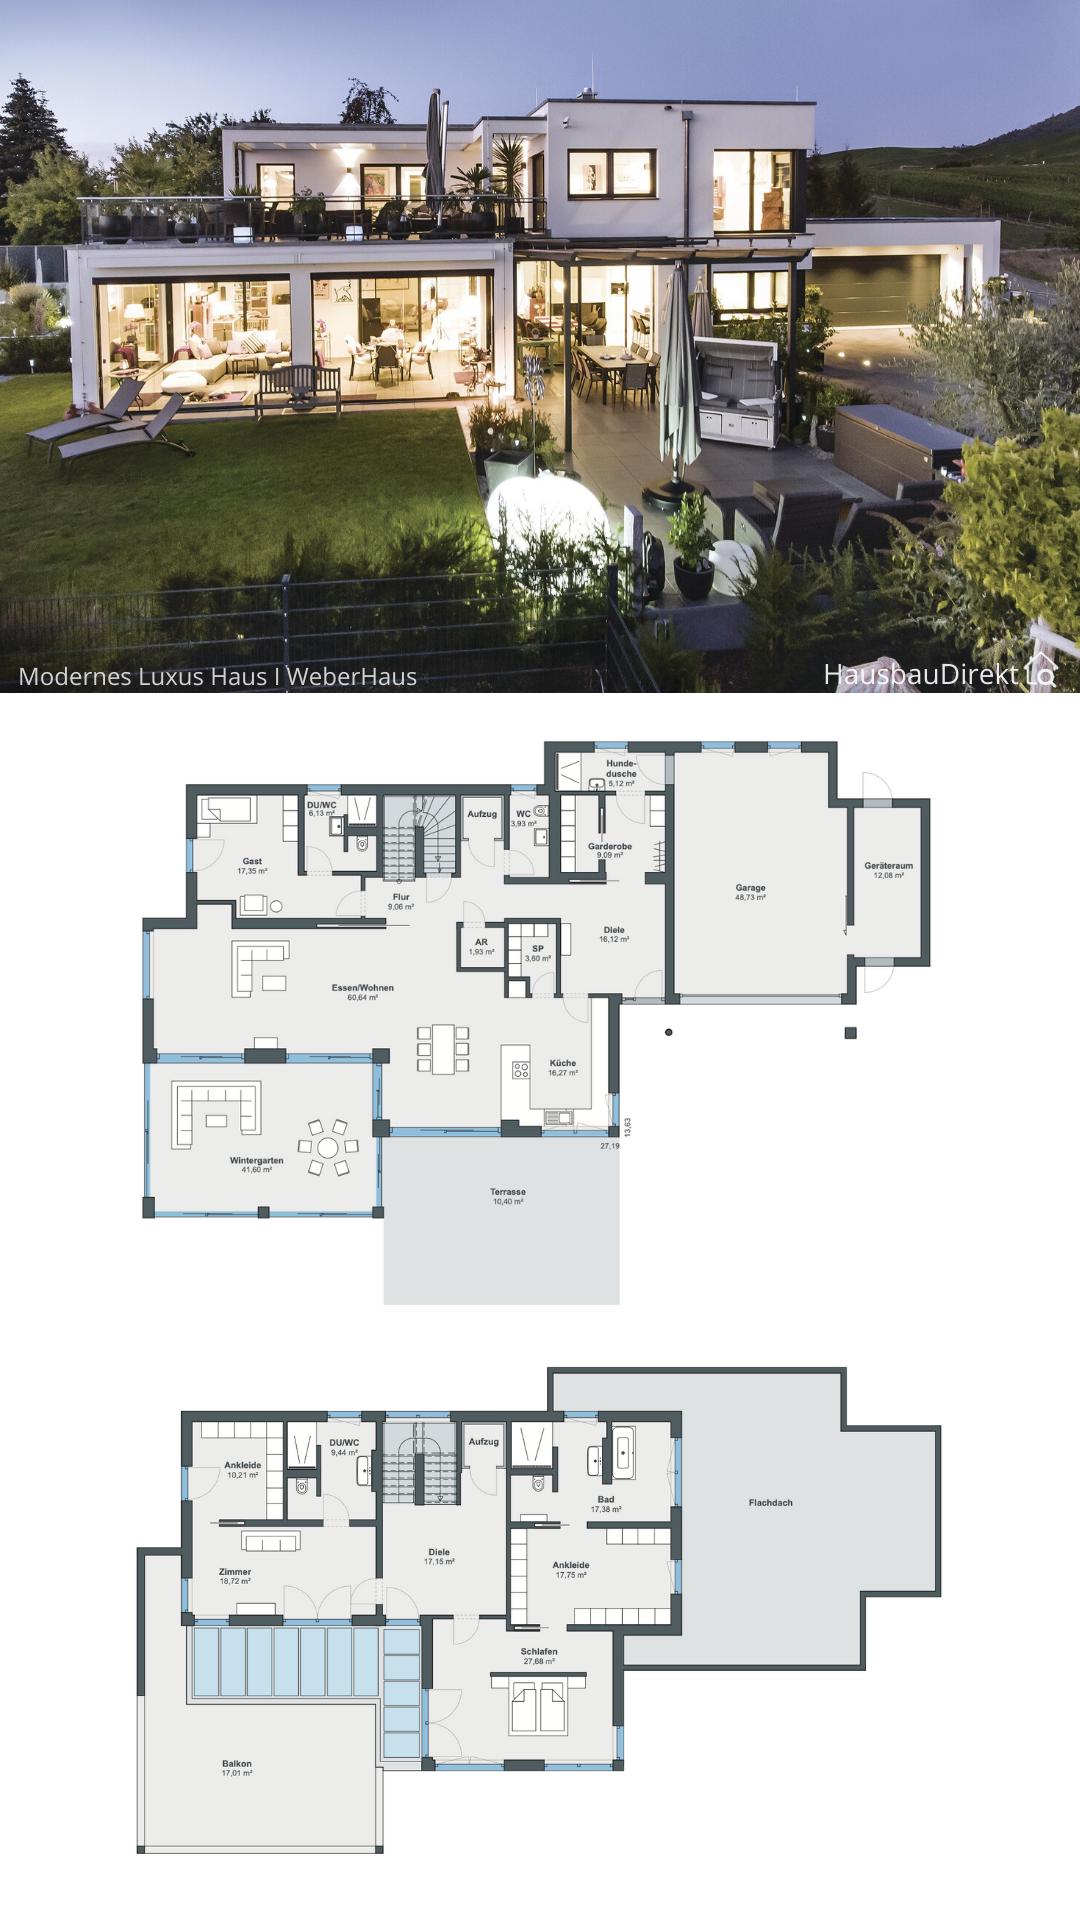 Luxus Haus modern mit Garage & Flachdach im Bauhausstil bauen Einfamilienhaus Grundriss Ideen offen